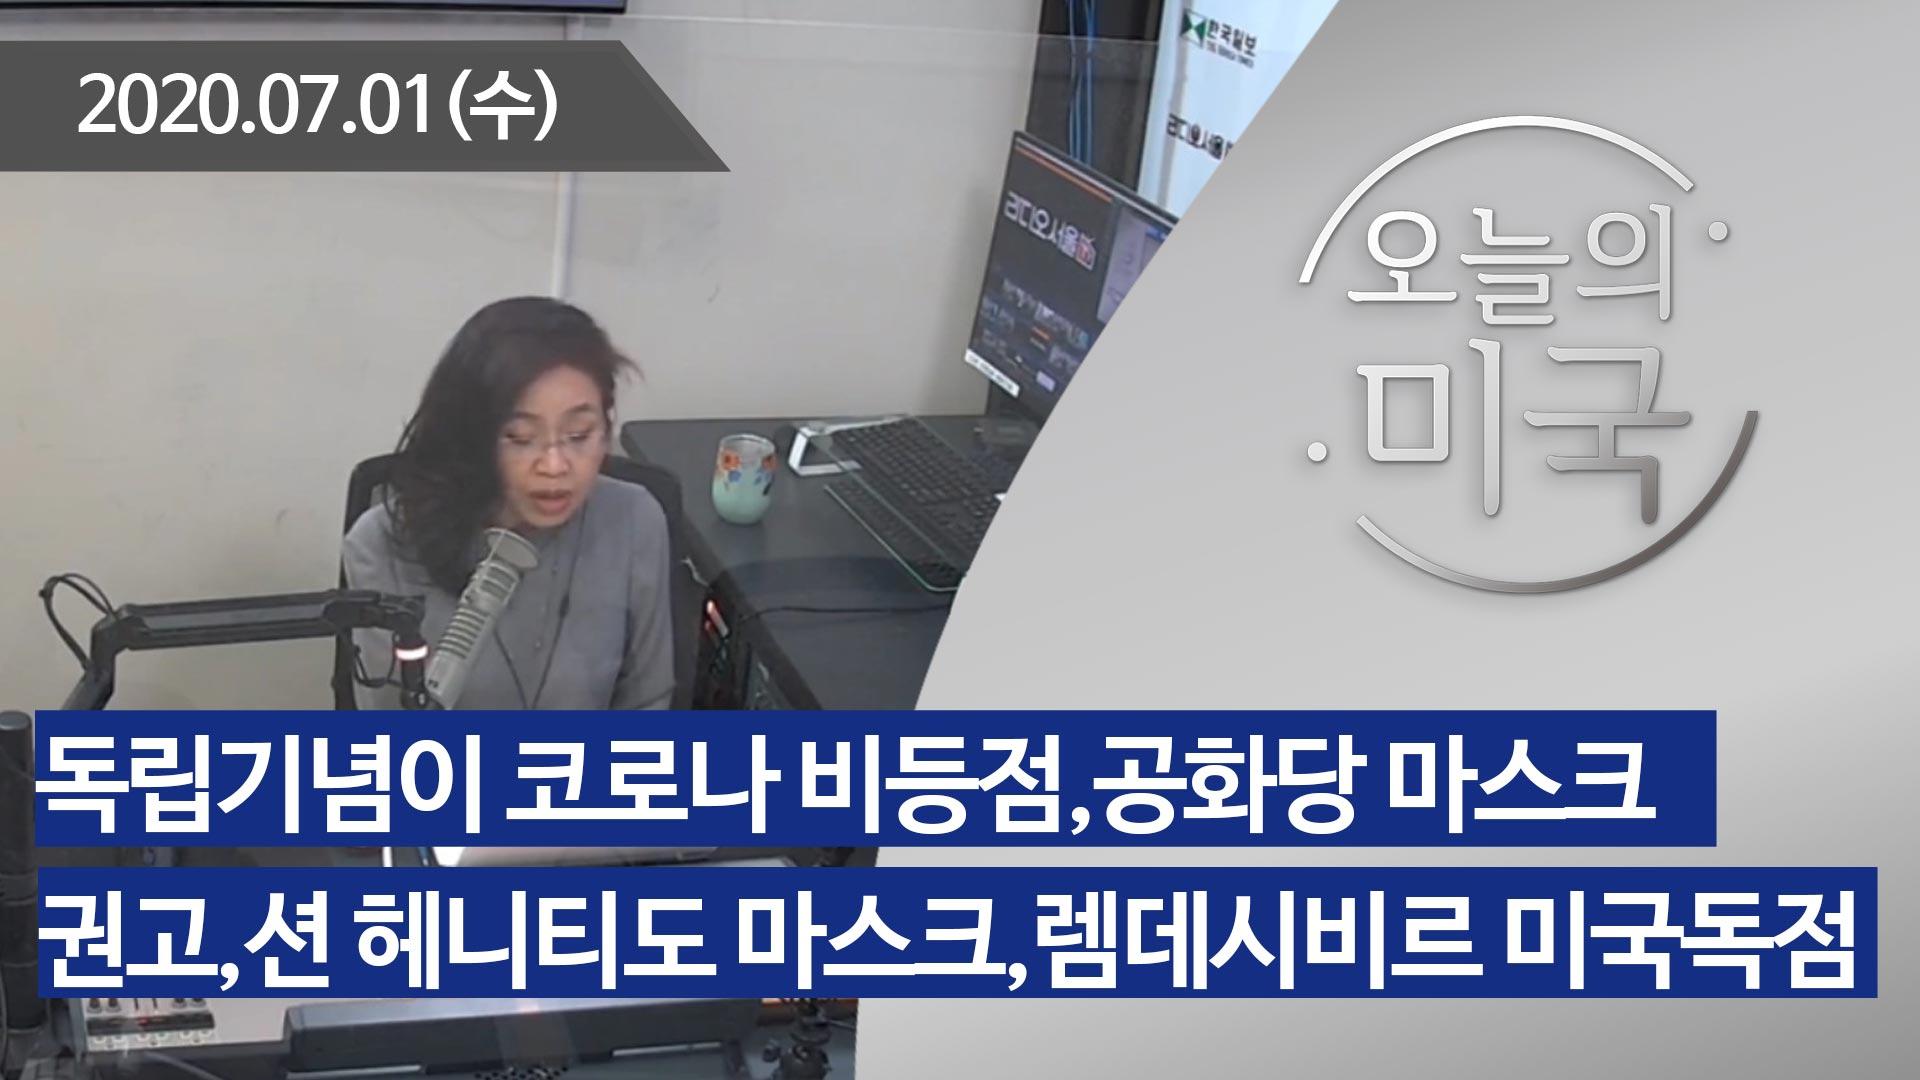 강혜신의 오늘의 미국 (07.01.2020)